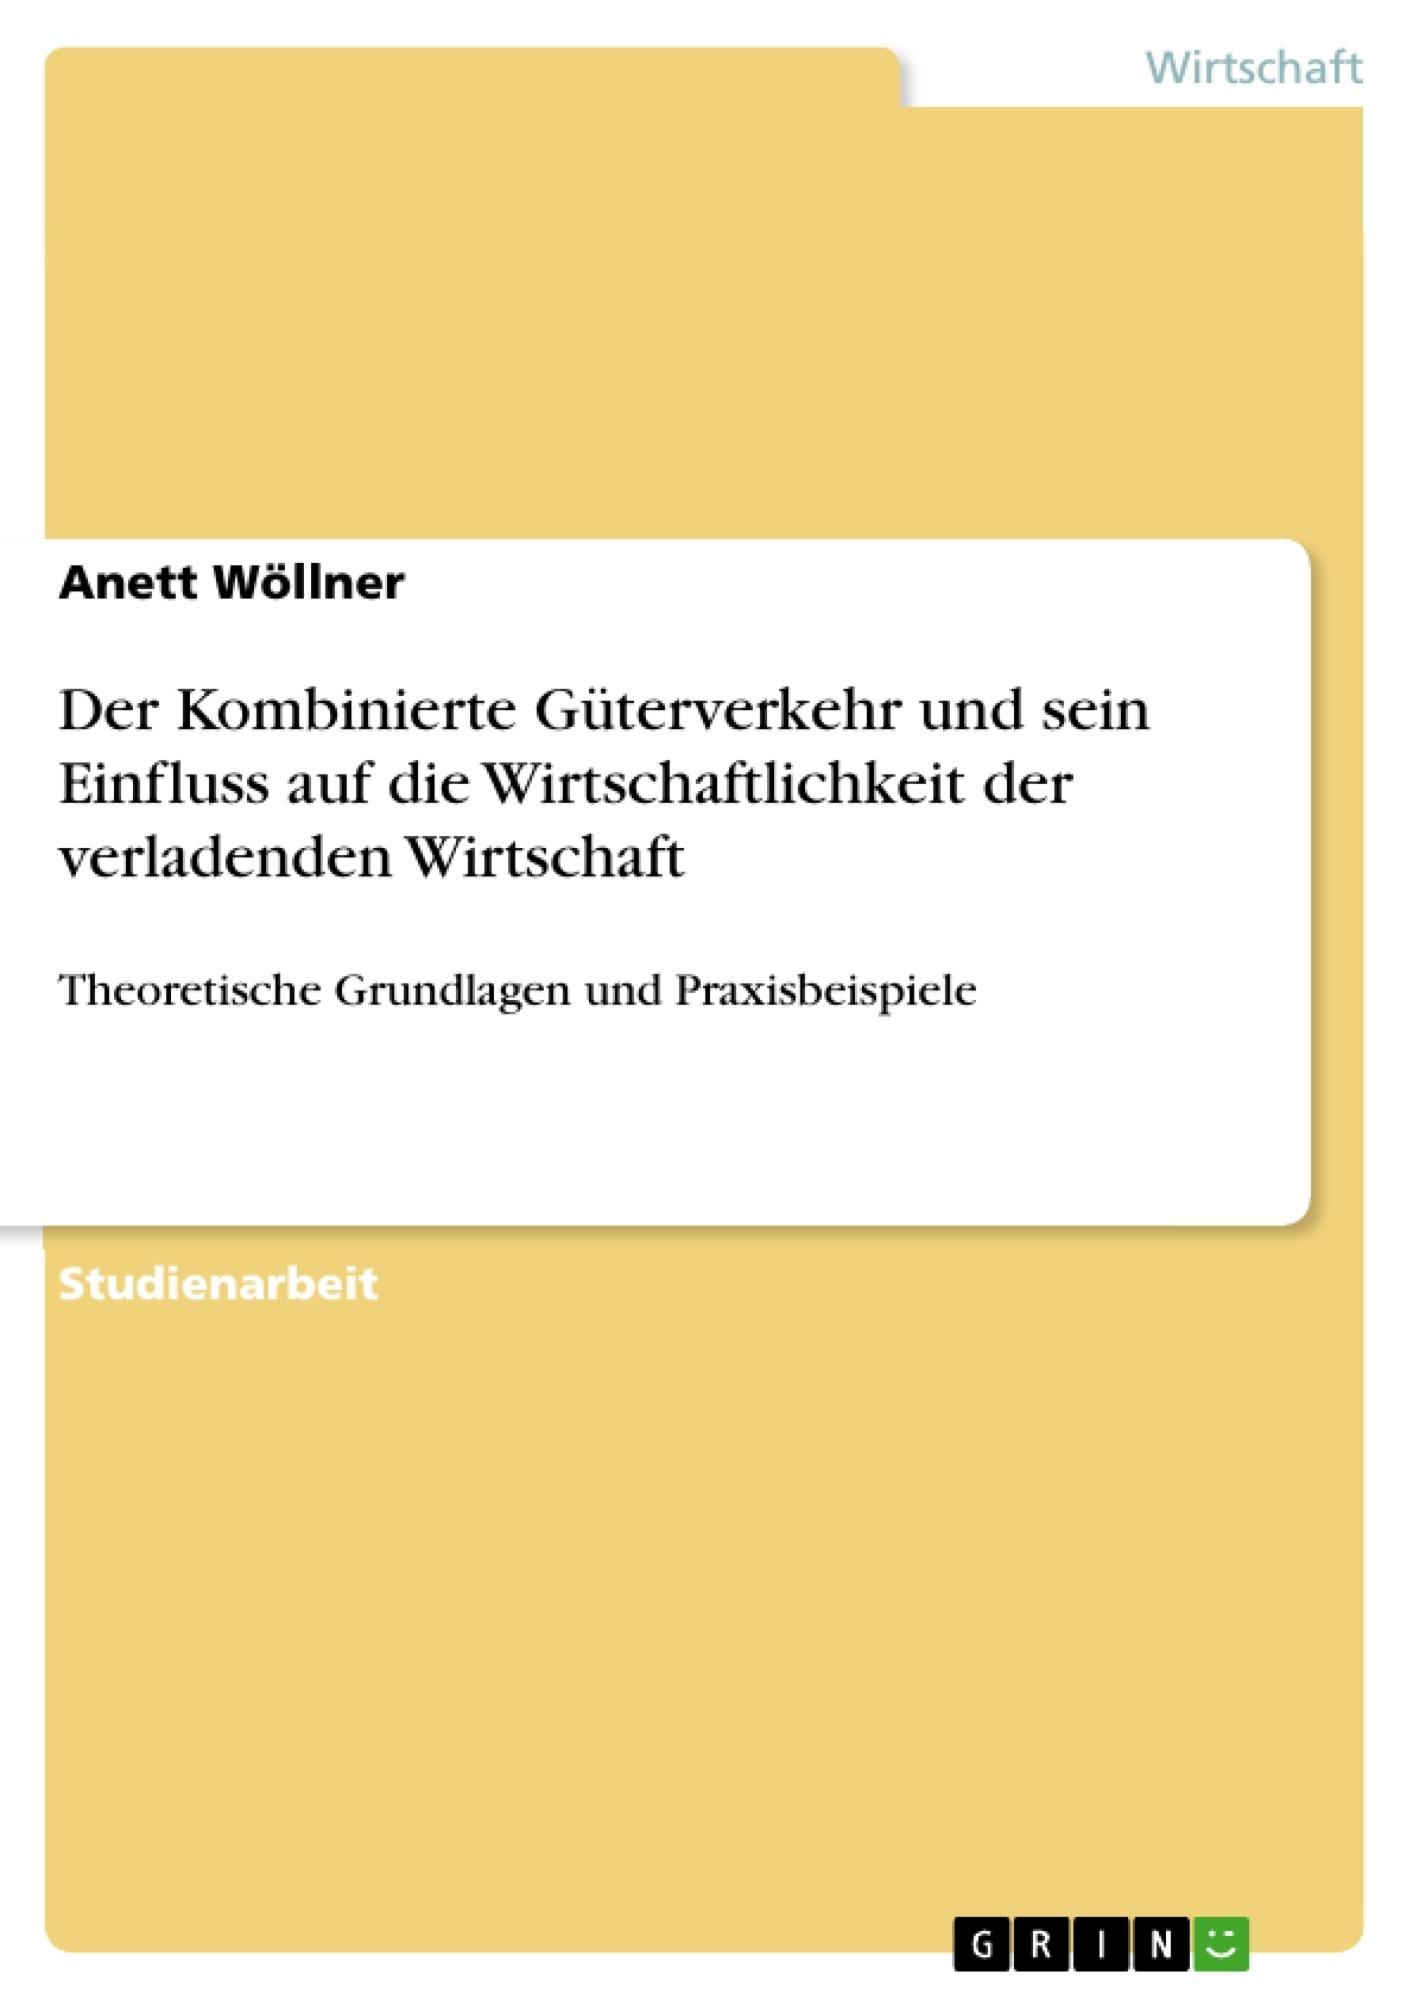 Titel: Der Kombinierte Güterverkehr und sein Einfluss auf die Wirtschaftlichkeit der verladenden Wirtschaft